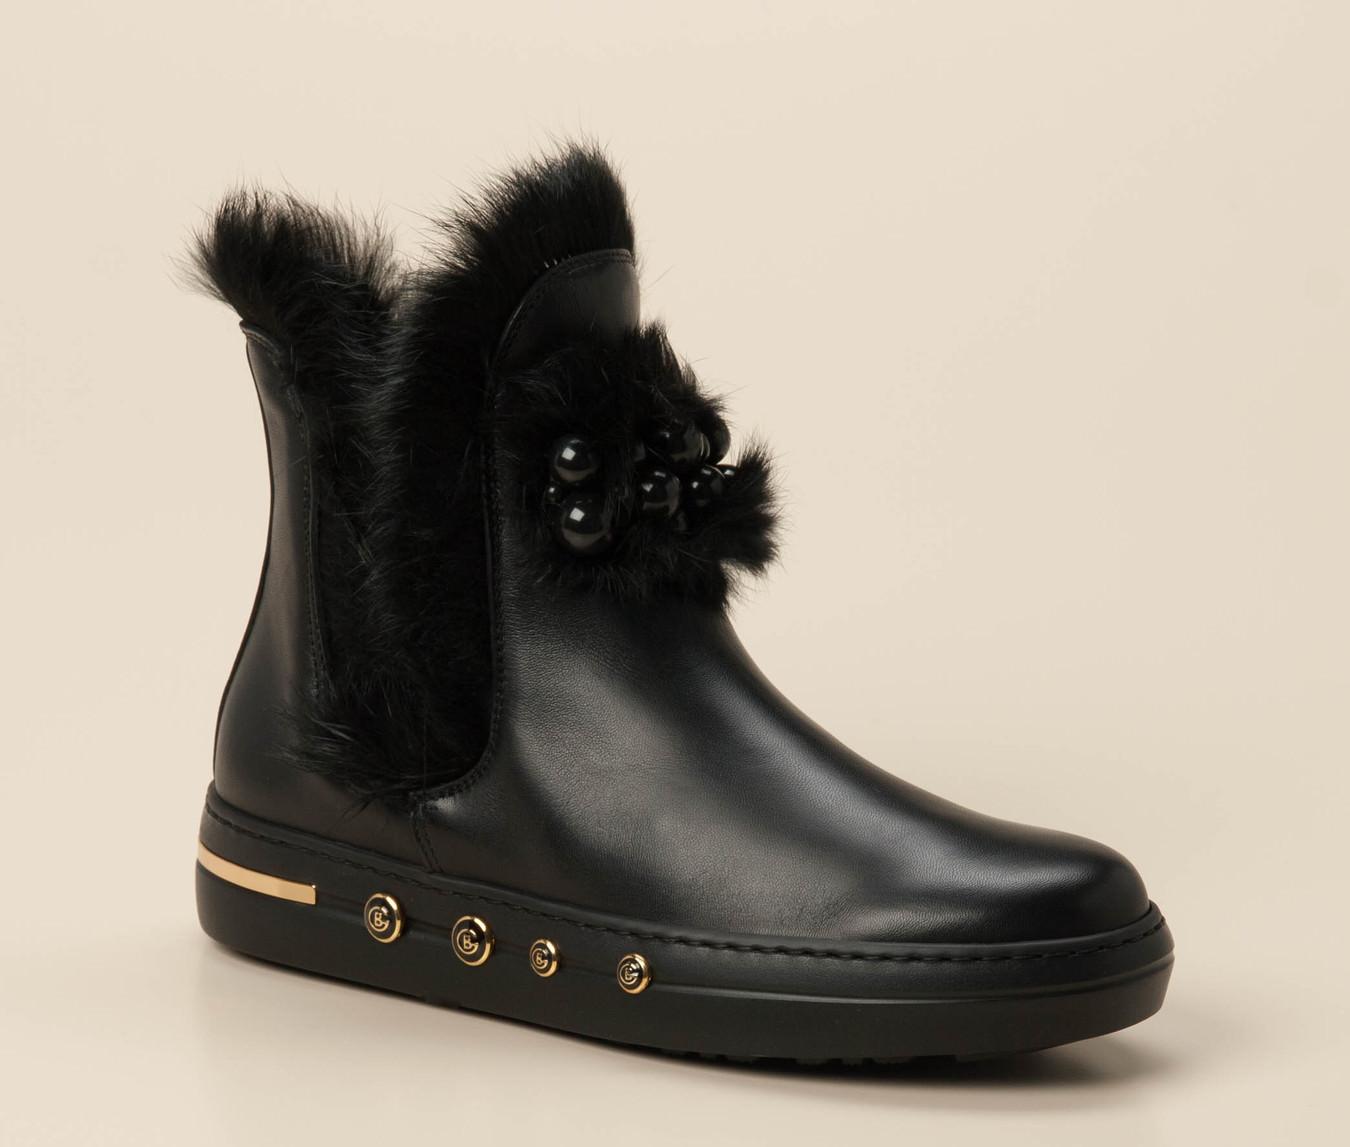 d1575146678e4 Baldinini Damen Stiefelette in schwarz kaufen   Zumnorde Online-Shop